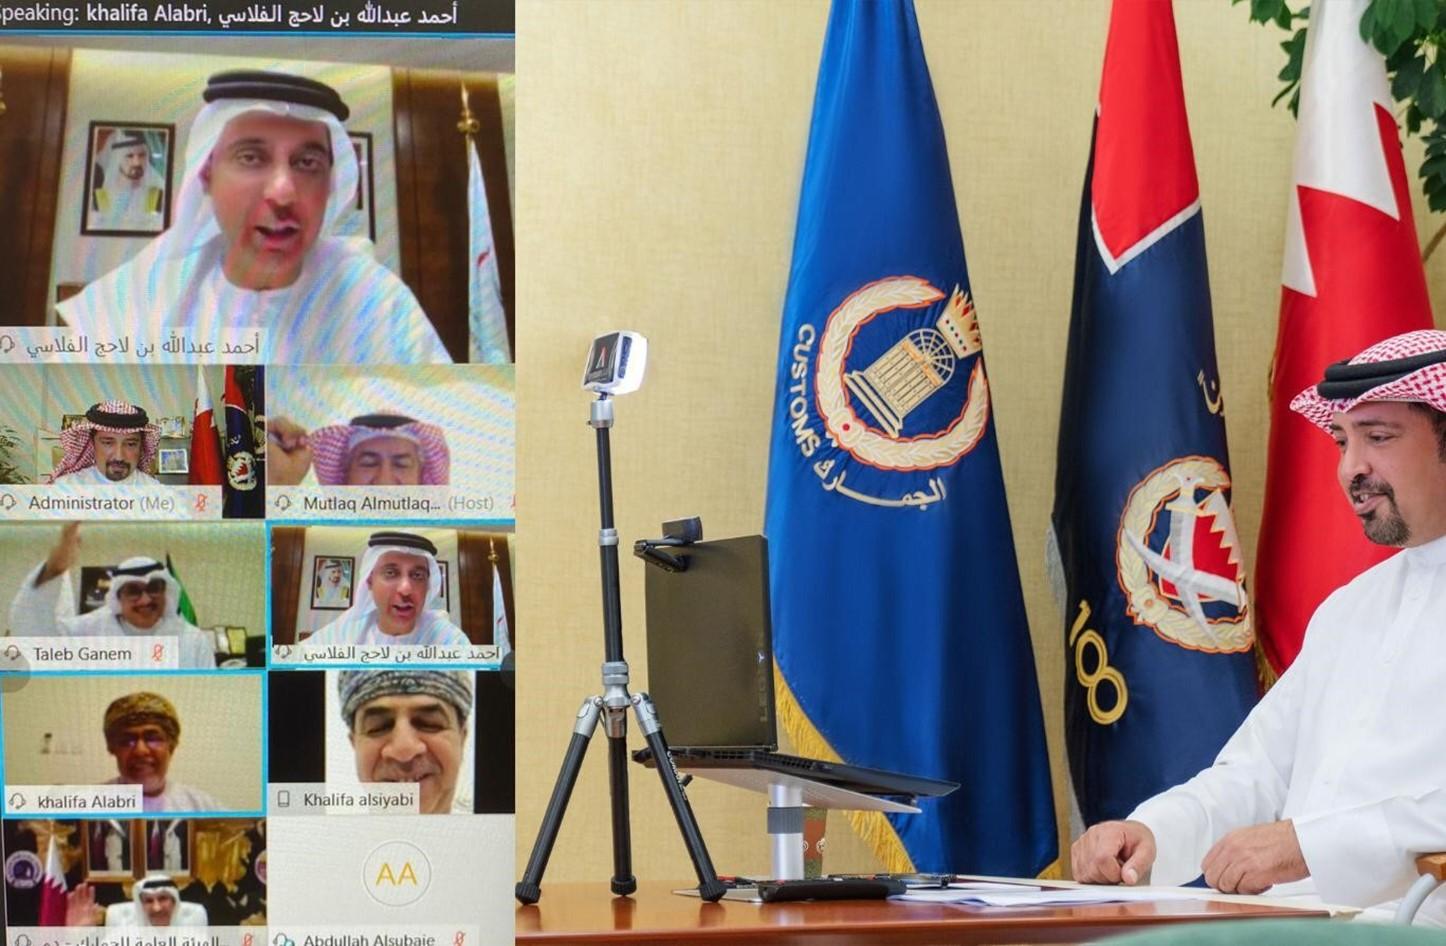 القانون الجمركي الخليجي